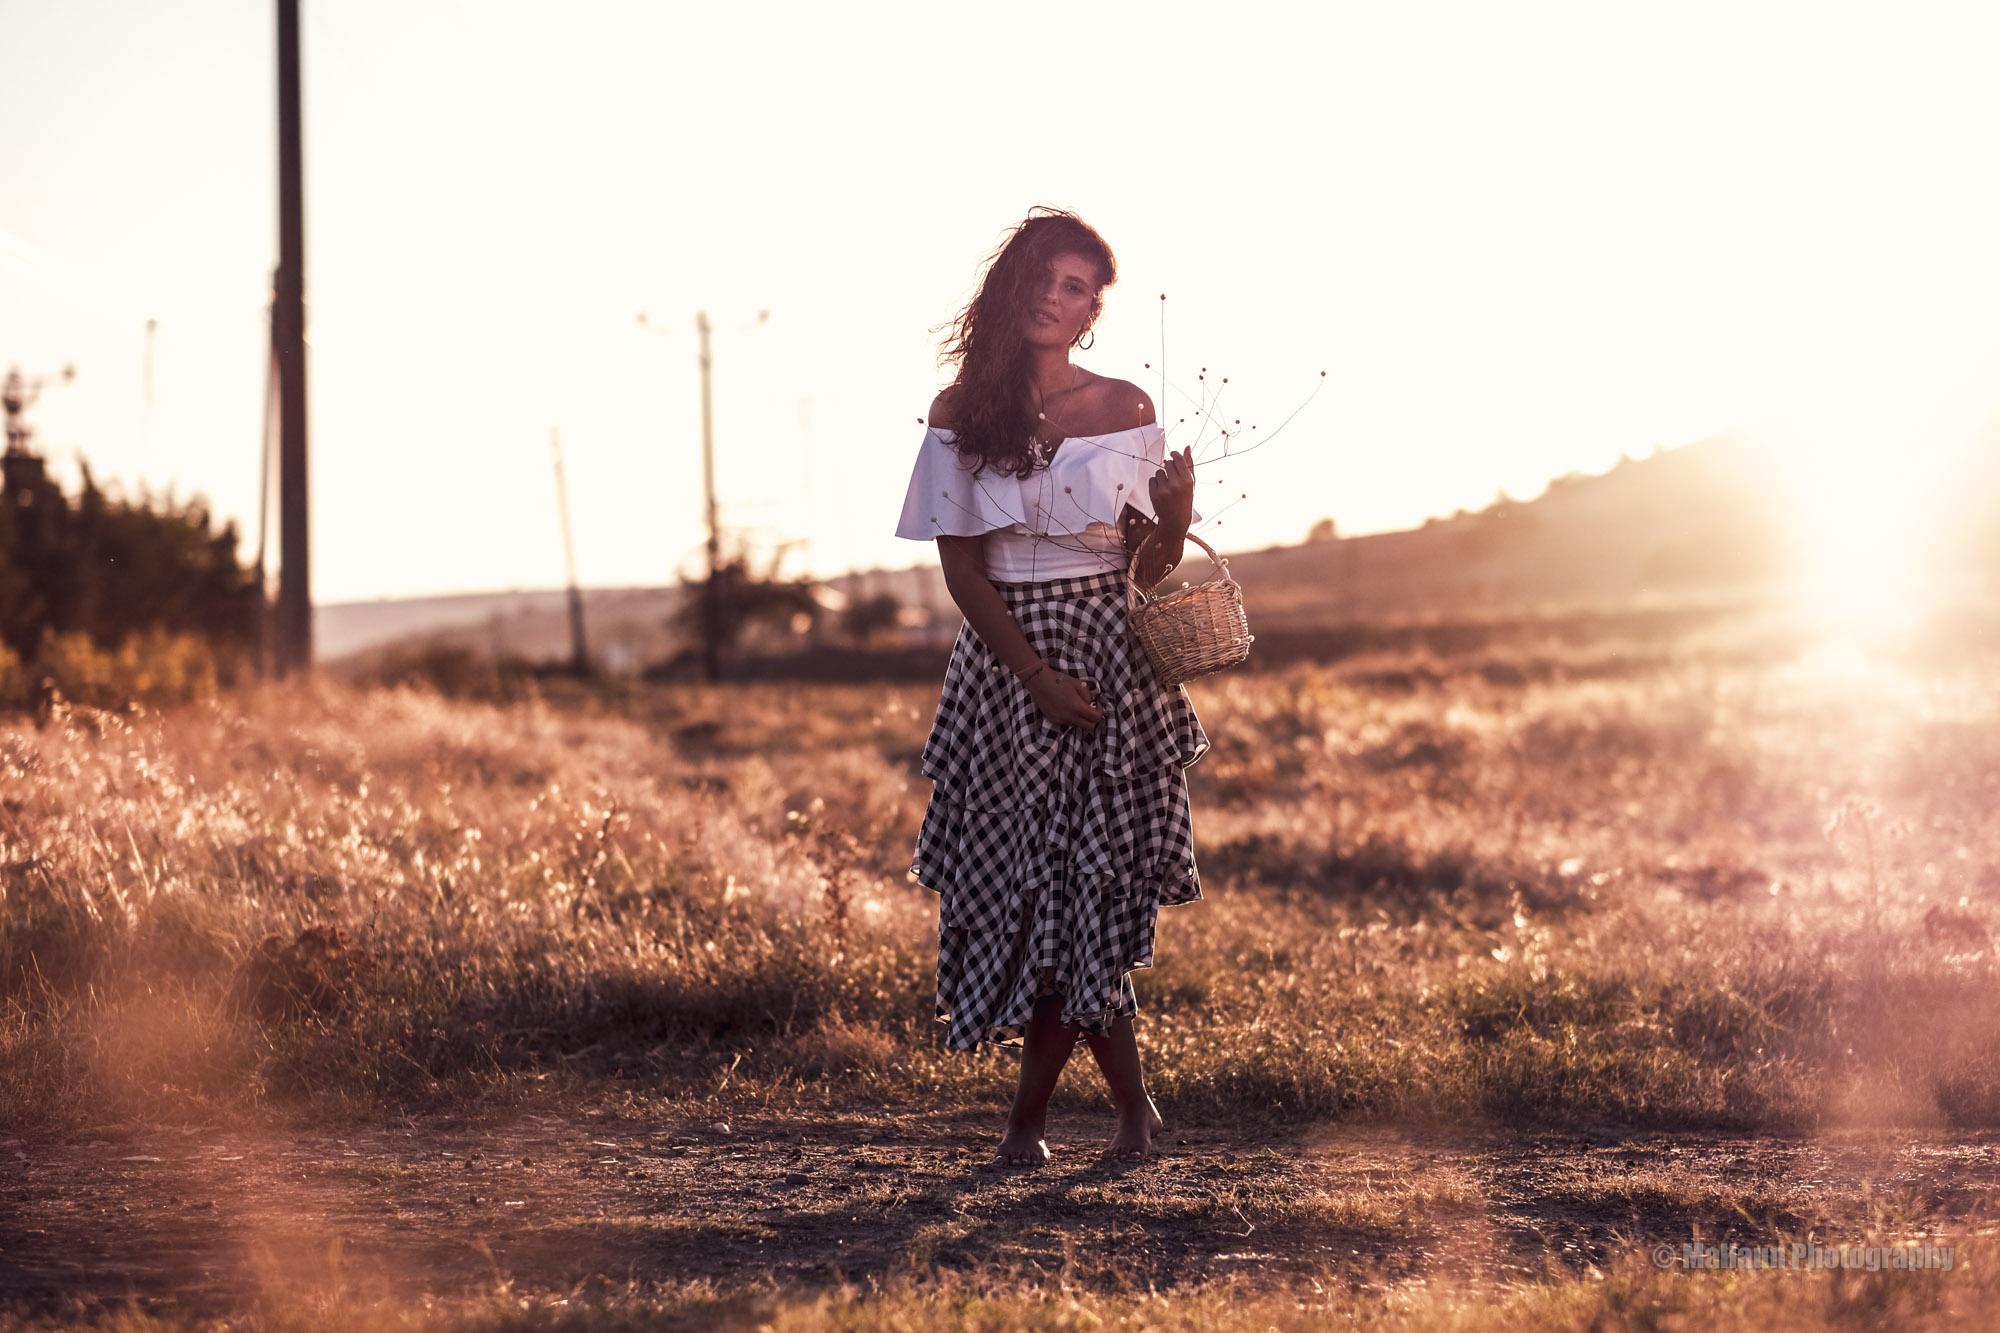 Model Pervin Büşra Doğanay © Mallaun Photography